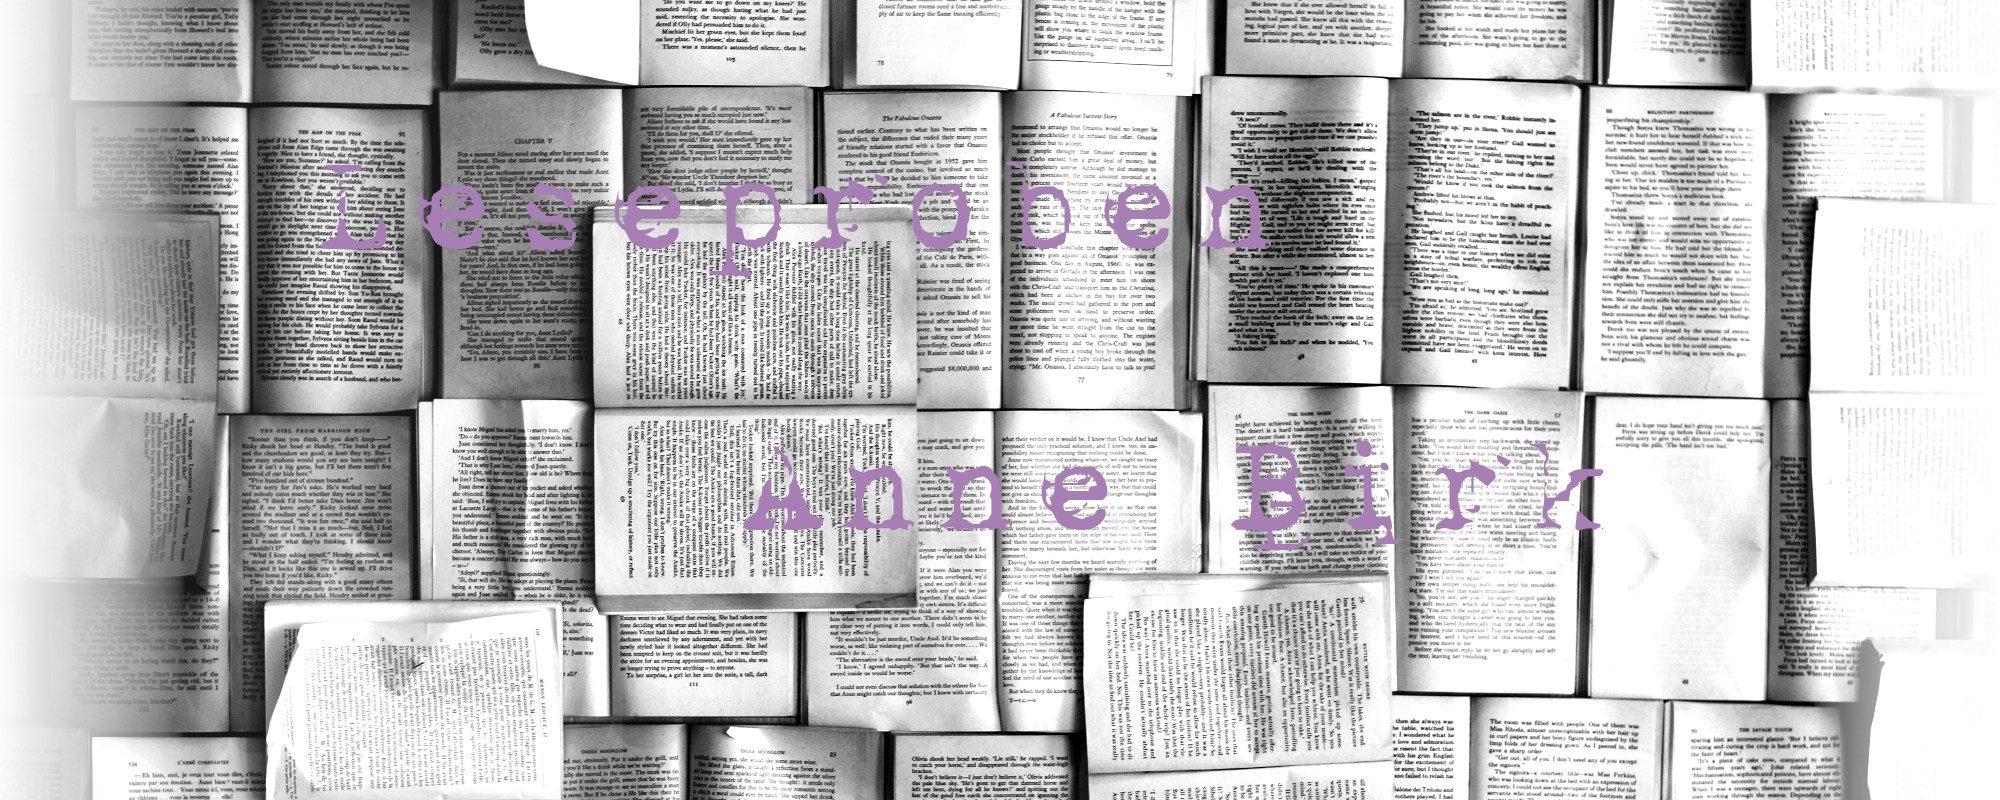 Anne-Birk-Schriftstellerin-Autorin-Leseproben